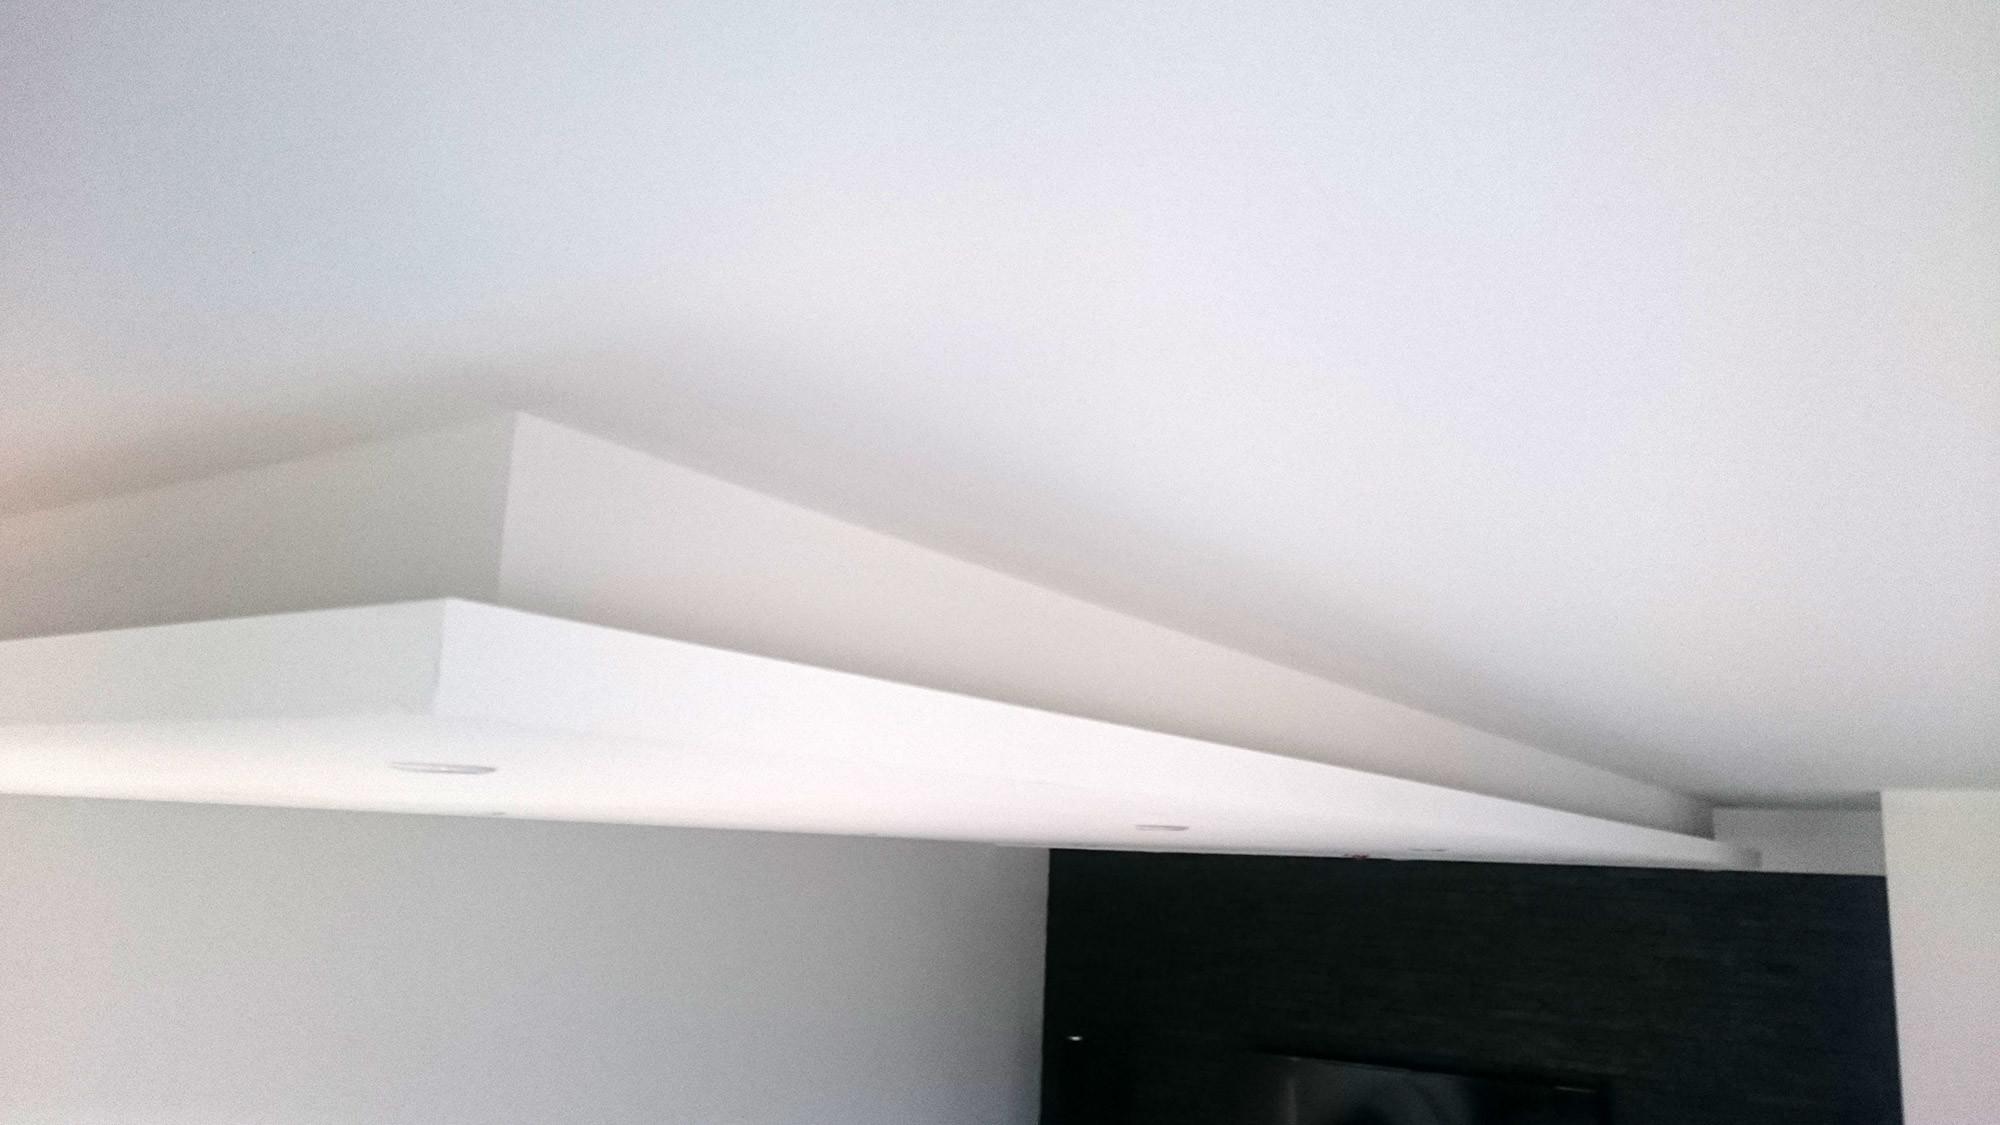 Full Size of Indirekte Beleuchtung Decke Abgehngte Mit Indirekter Lichtvouten Bad Spiegelschrank Deckenleuchte Wohnzimmer Deckenlampen Modern Led Küche Deckenlampe Fenster Wohnzimmer Indirekte Beleuchtung Decke